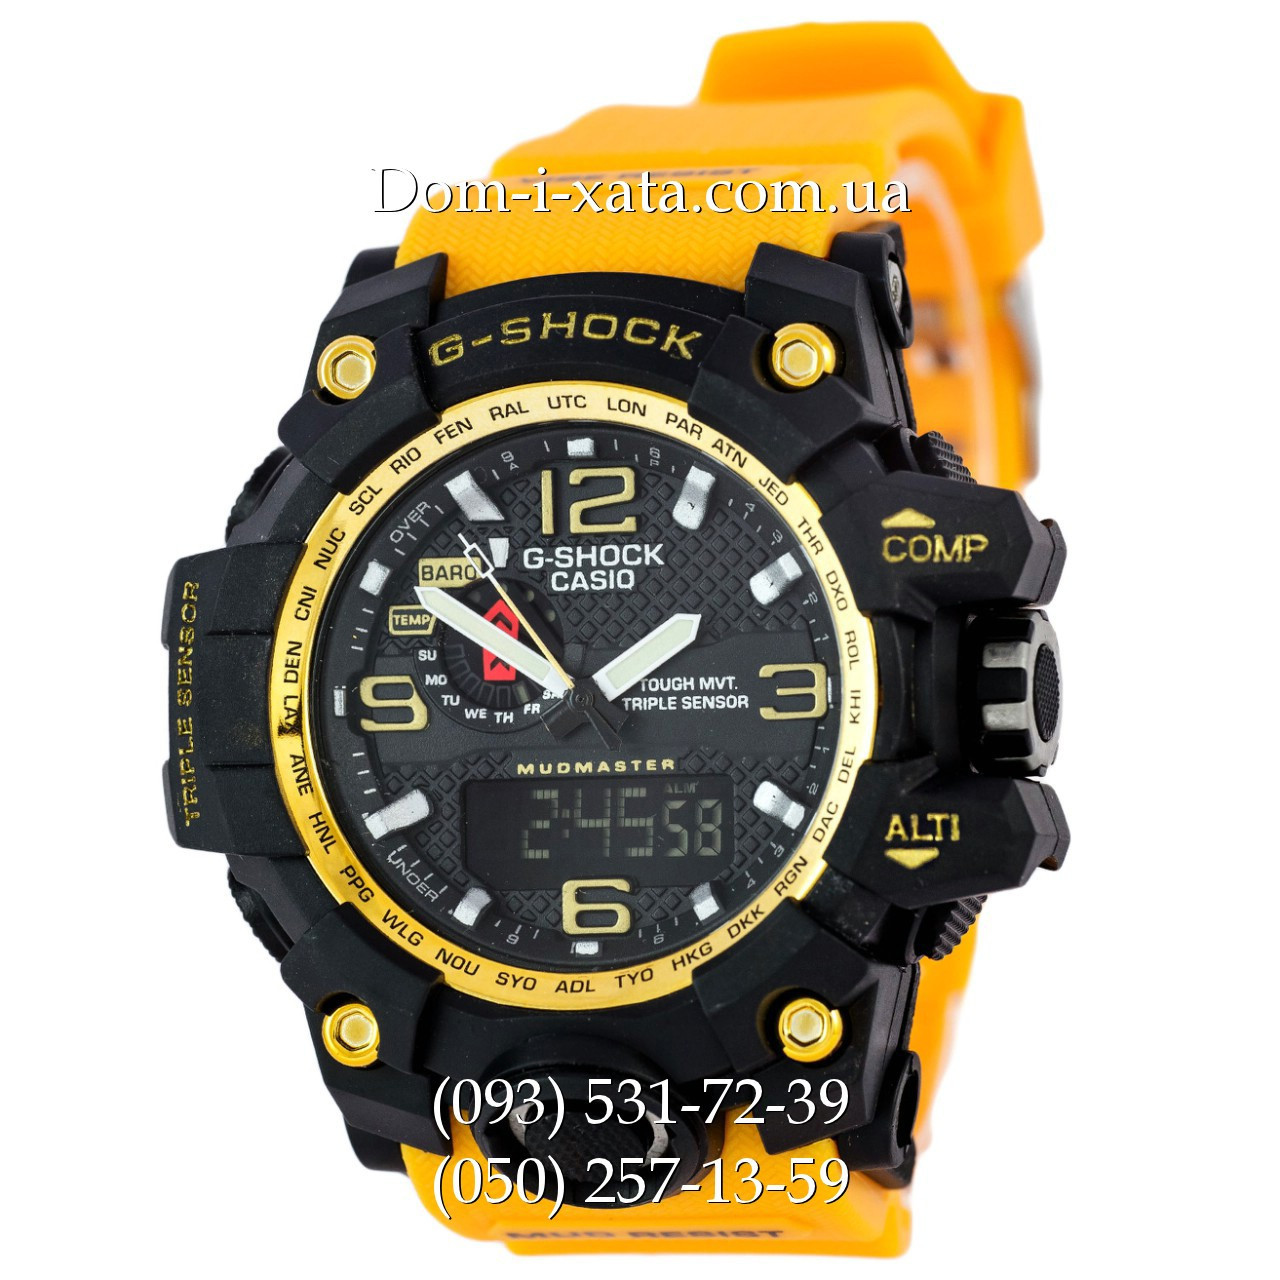 Электронные часы Casio G-Shock GWG 1000 Black/Yellow, спортивные часы Джи Шок(черно-желтые), реплика отличное качество!